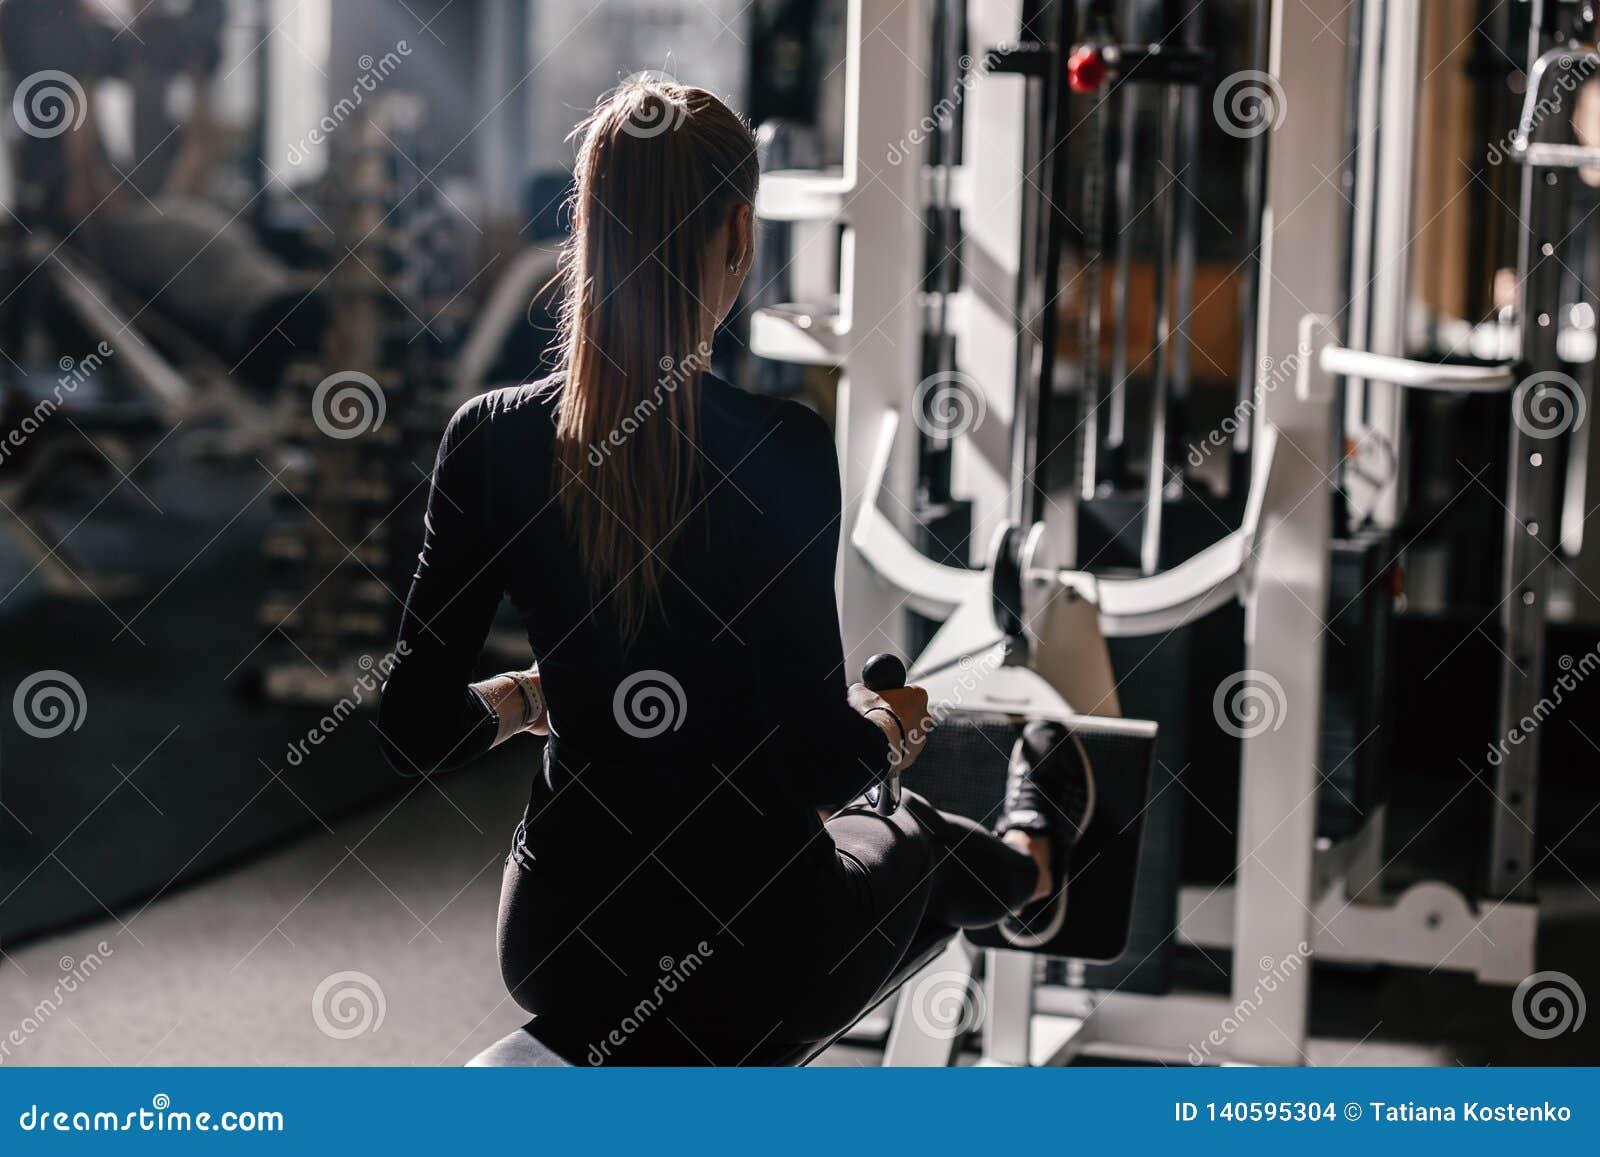 Το όμορφο αθλητικό κορίτσι που ντύνεται που ντύνεται μαύρο sportswear κάνει τις αθλητικές ασκήσεις με τον εξοπλισμό στον πάγκο